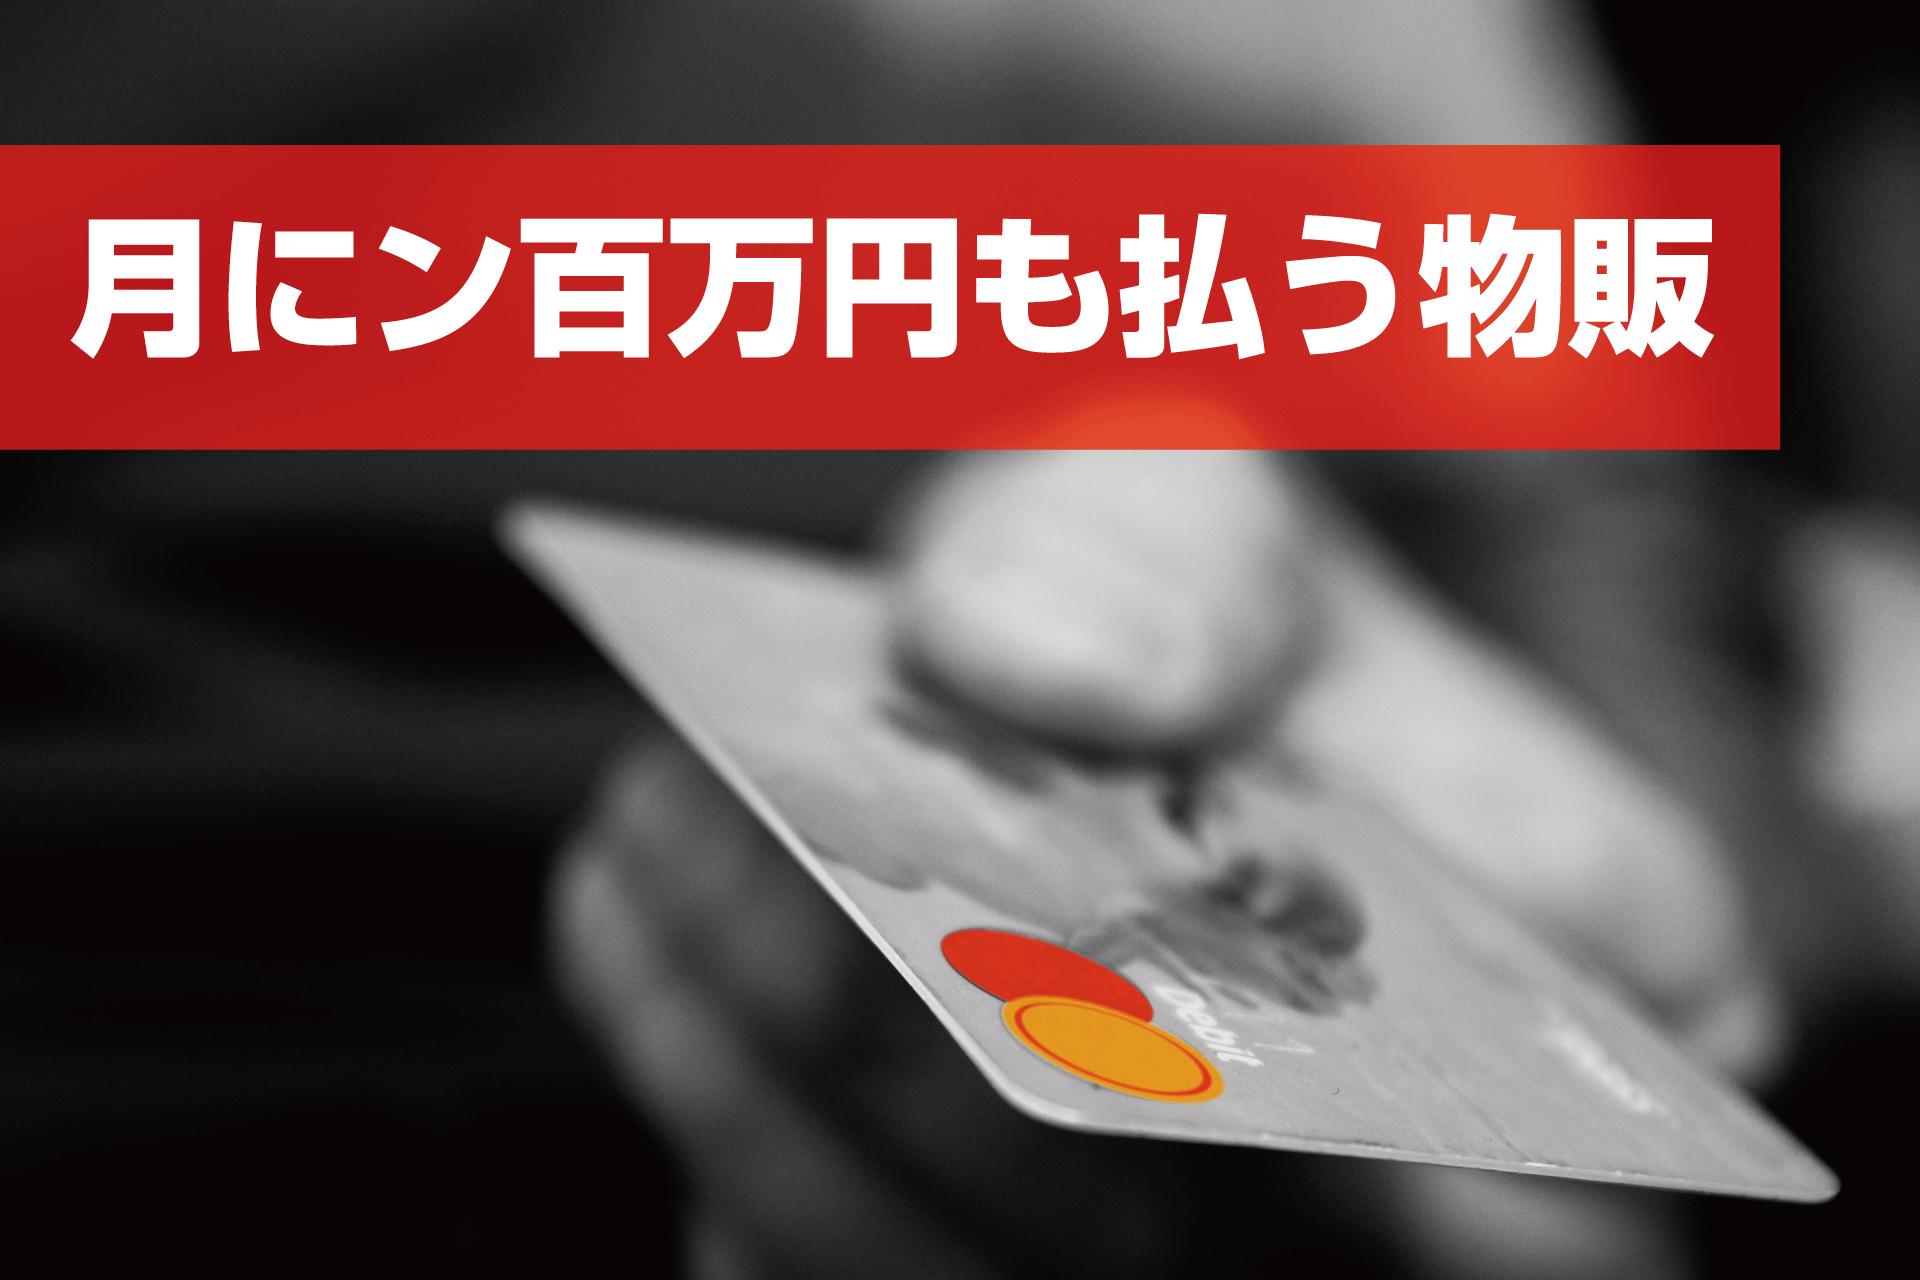 月にン百万円も払う物販